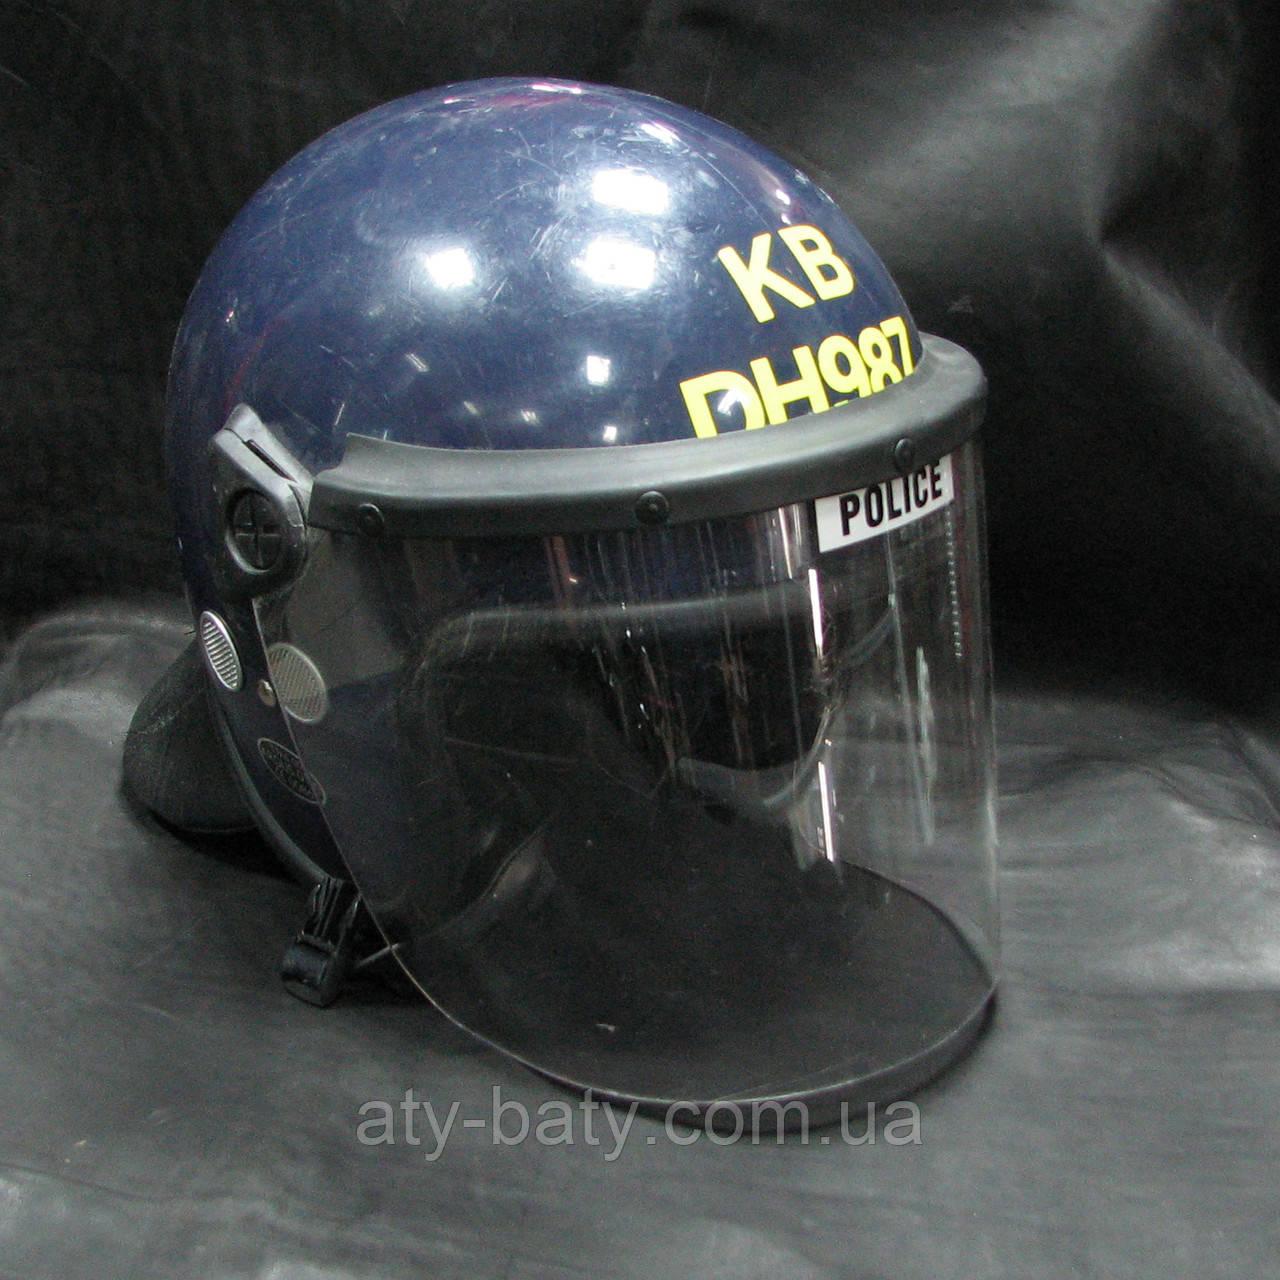 Шлем полицейский, Англия.